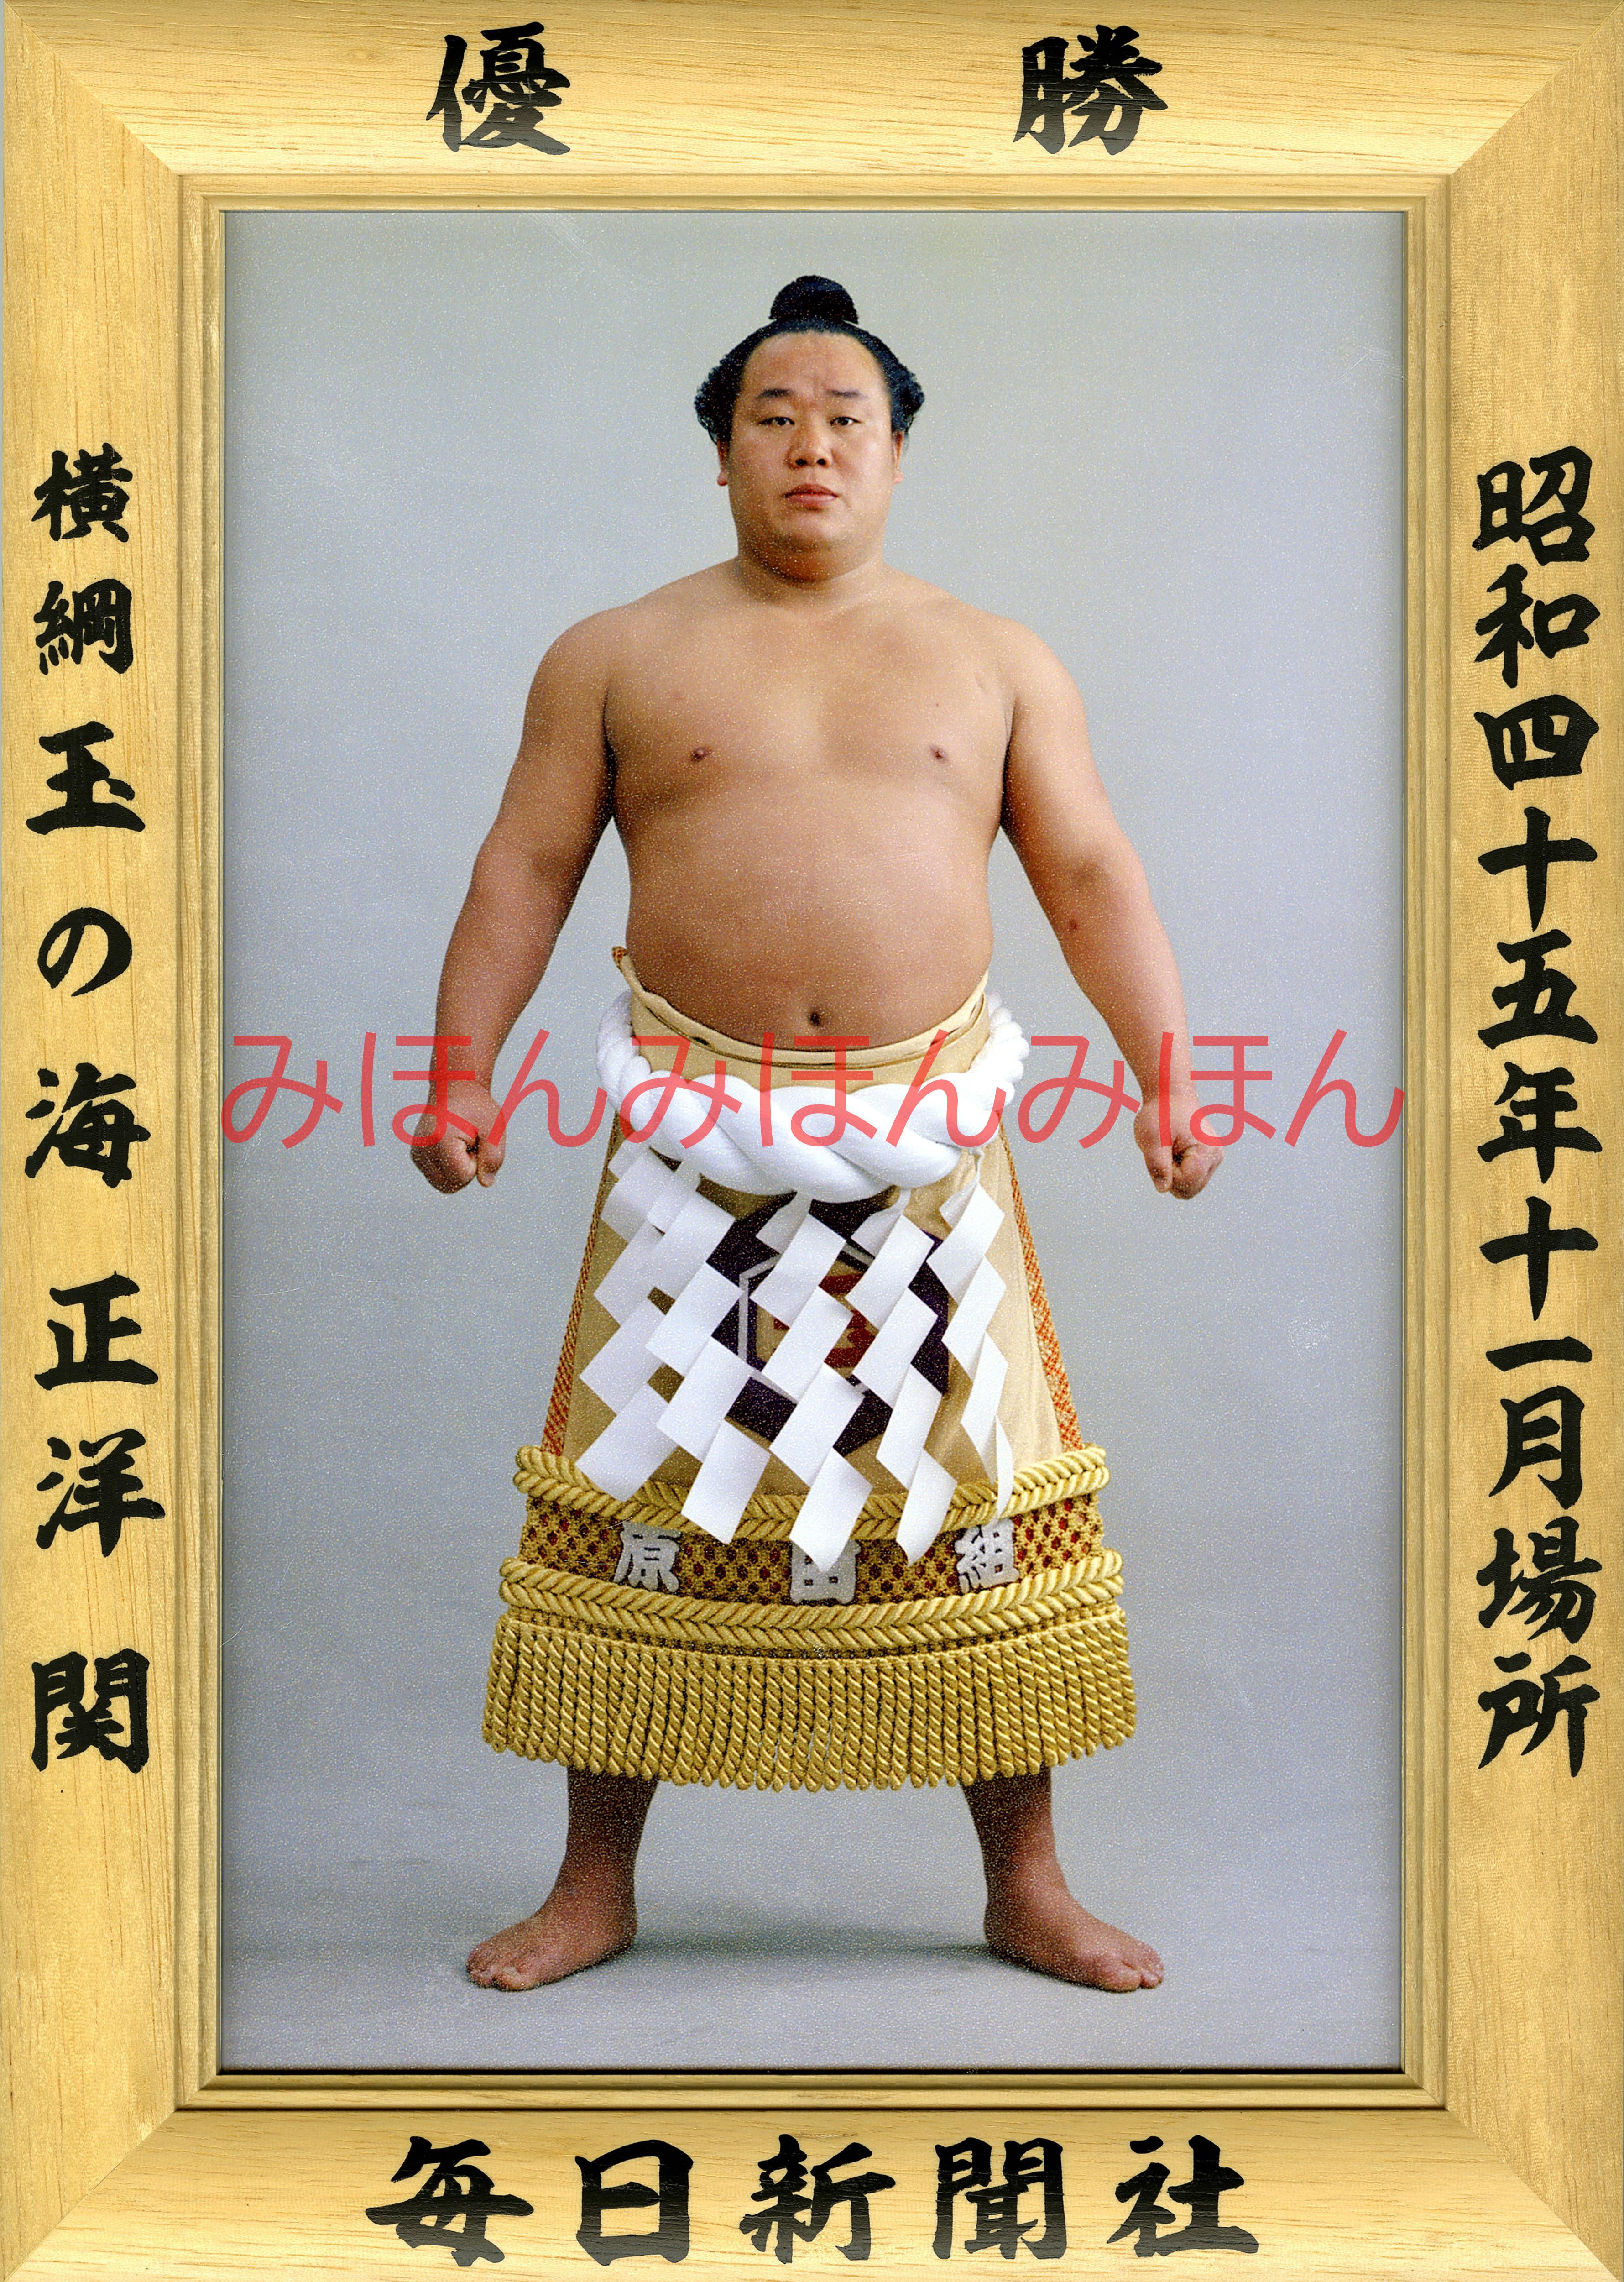 昭和45年11月場所優勝 横綱 玉の海正洋関(4回目の優勝)